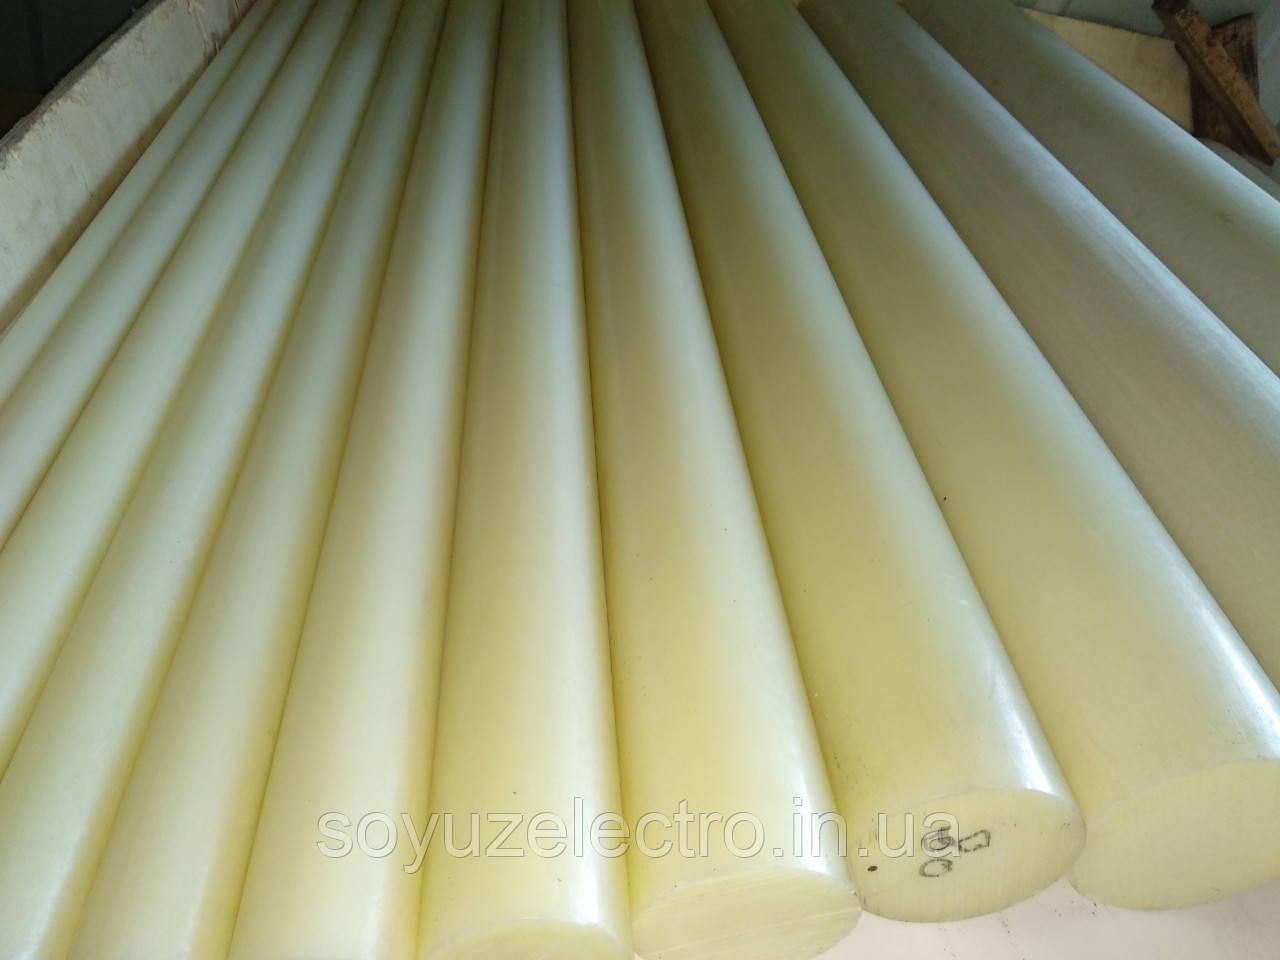 Полиамид ПА 6 стержень 130х500 мм (Капролон стержневой)